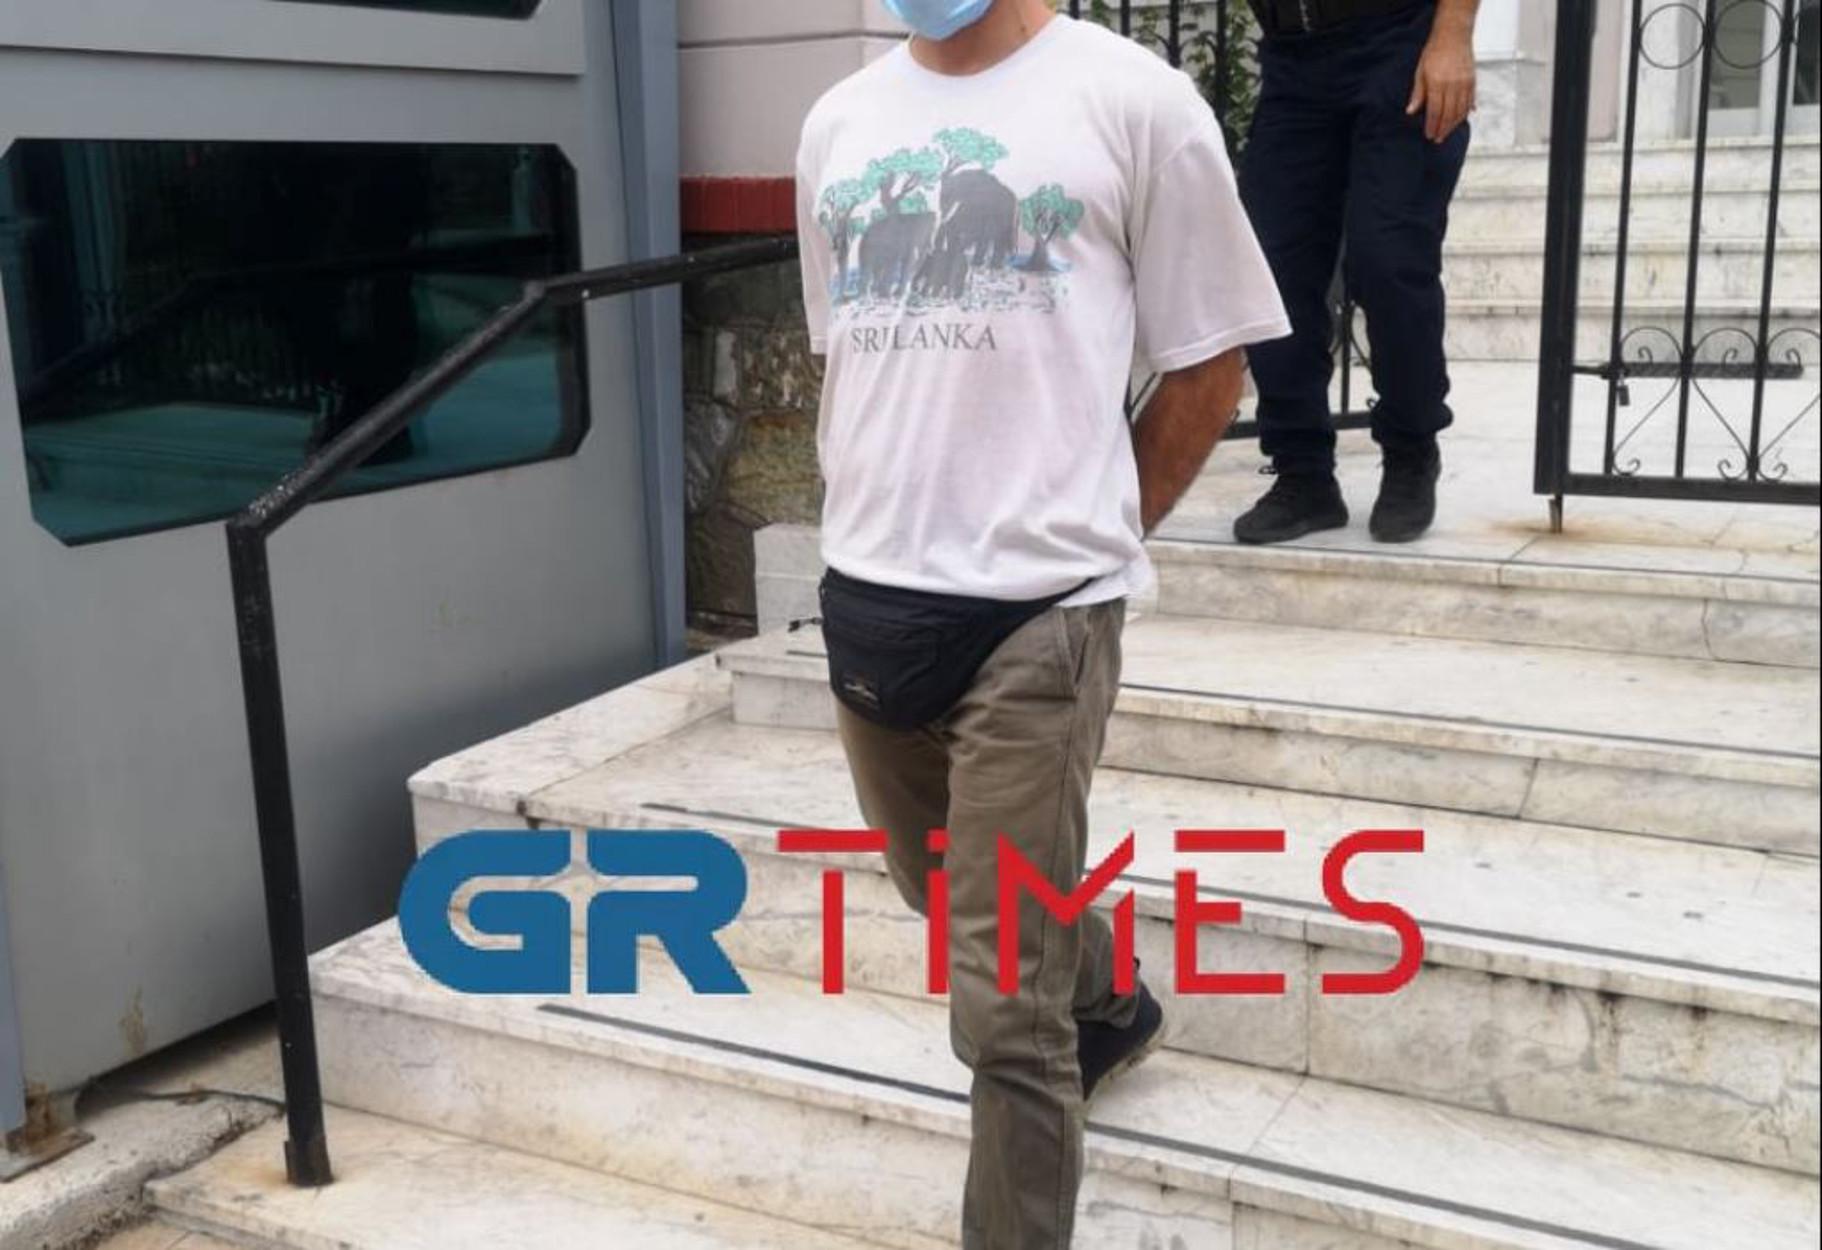 Θεσσαλονίκη: Αμετανόητος ο αρνητής πατέρας – «Θα συνεχίσω να στέλνω το γιο μου σχολείο χωρίς τεστ»